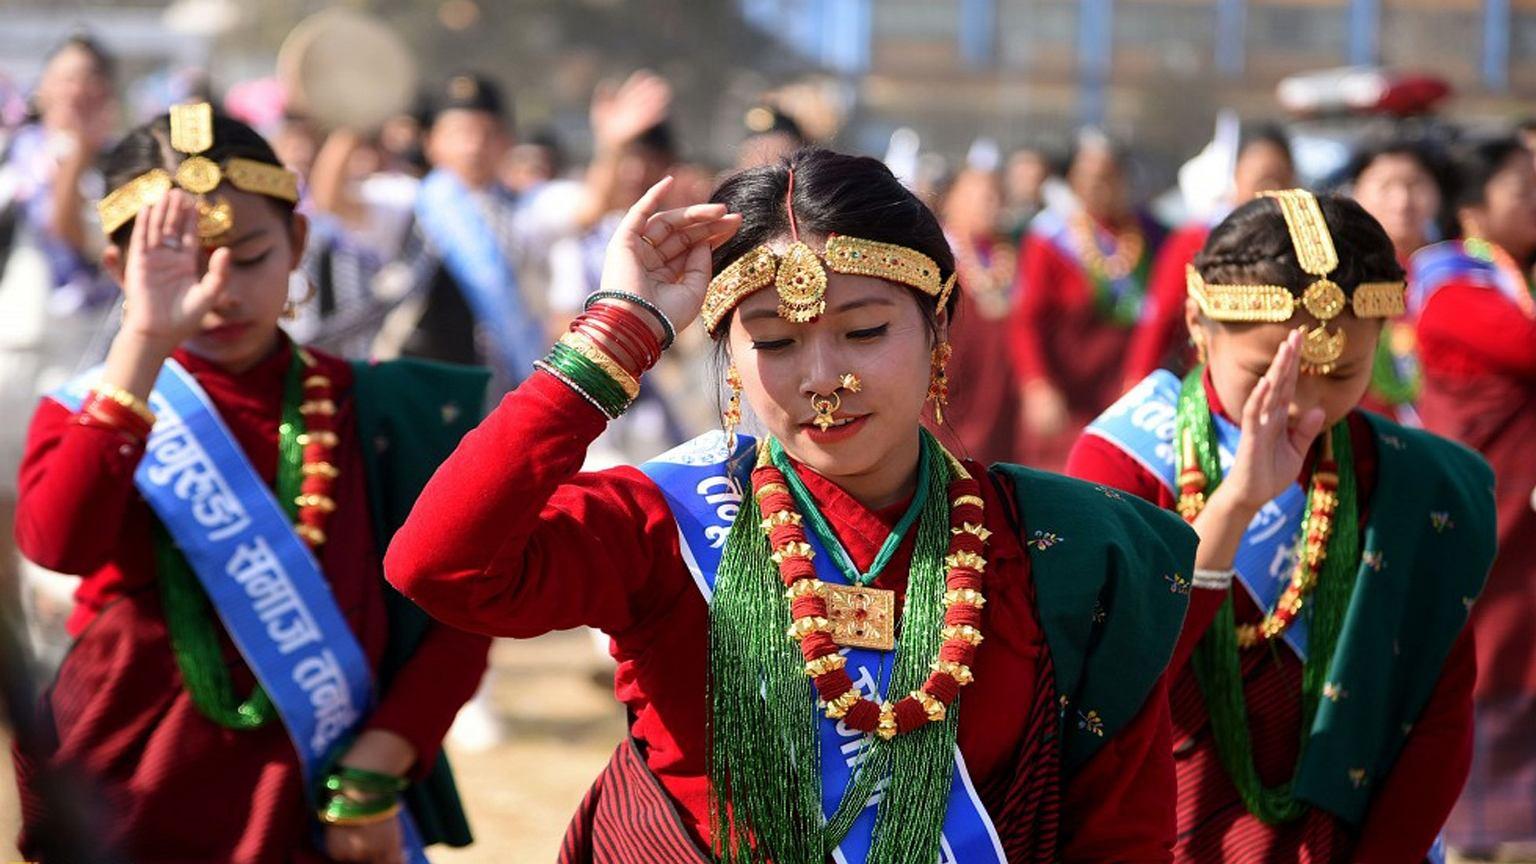 Kobiety w tradycyjnych strojach podczas festiwalu Tamu Loshar w Katmandu